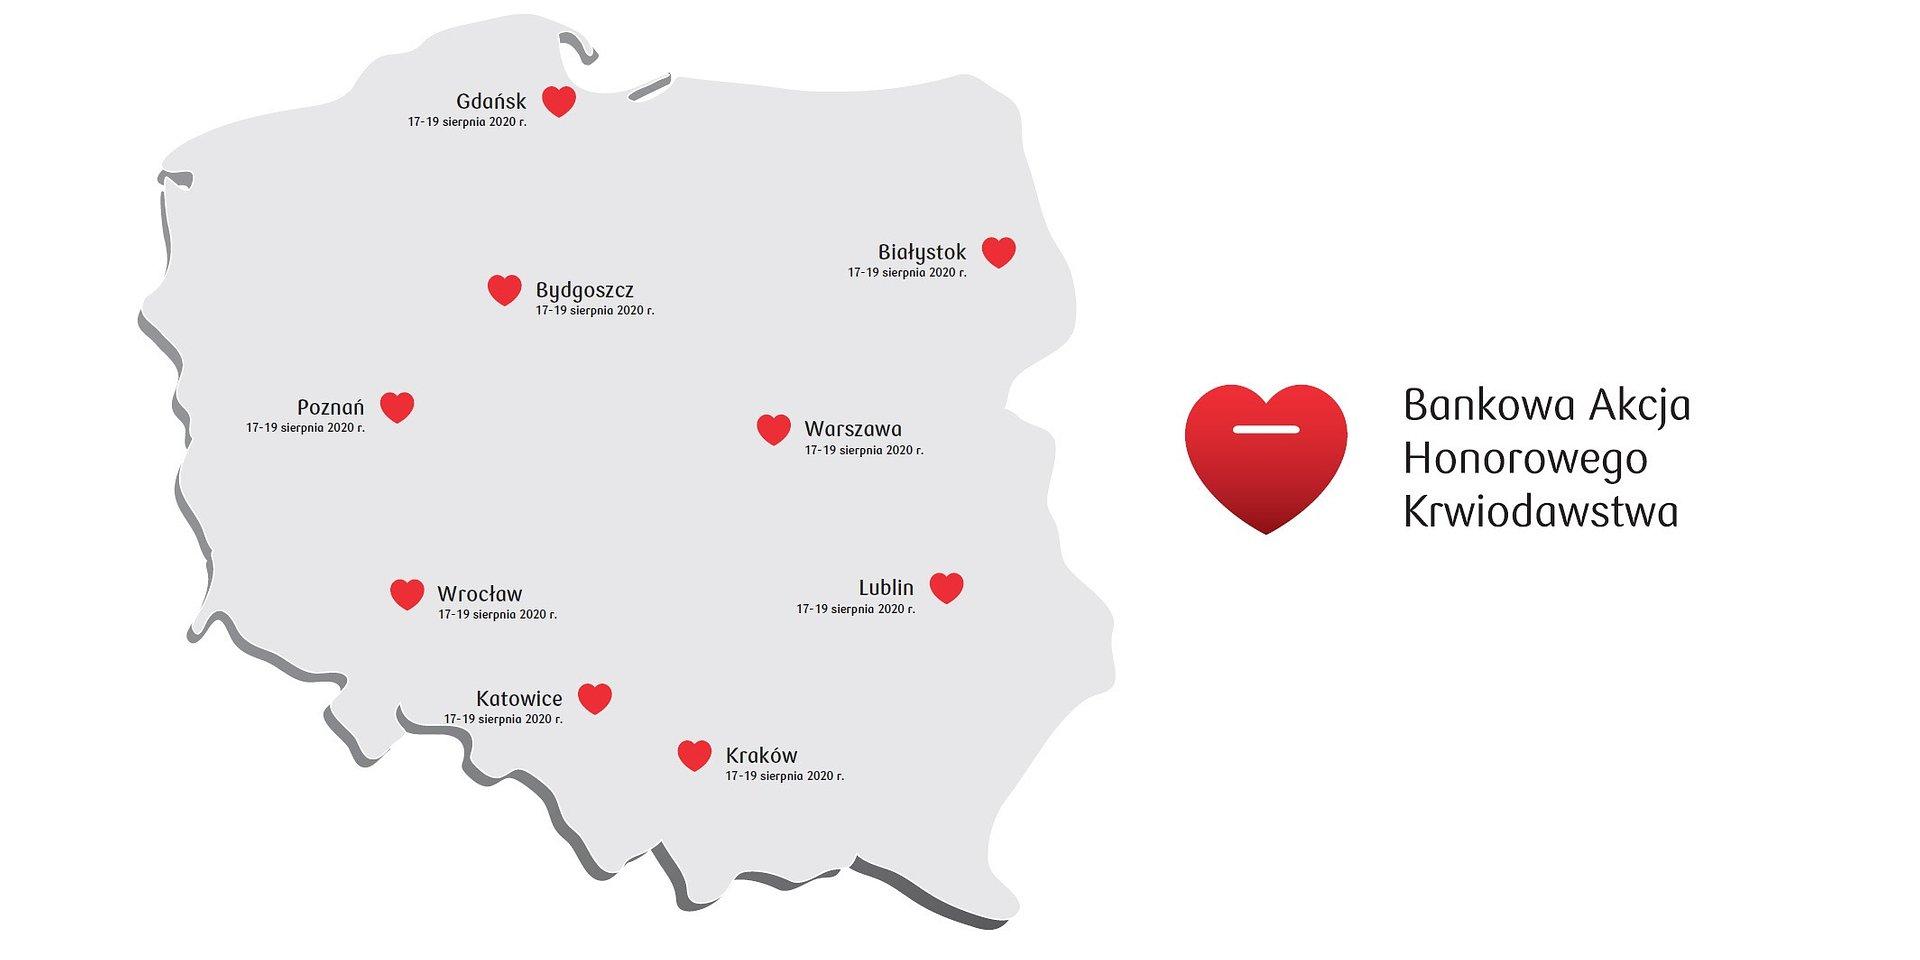 Przyłącz się do Bankowej Akcji Honorowego Krwiodawstwa